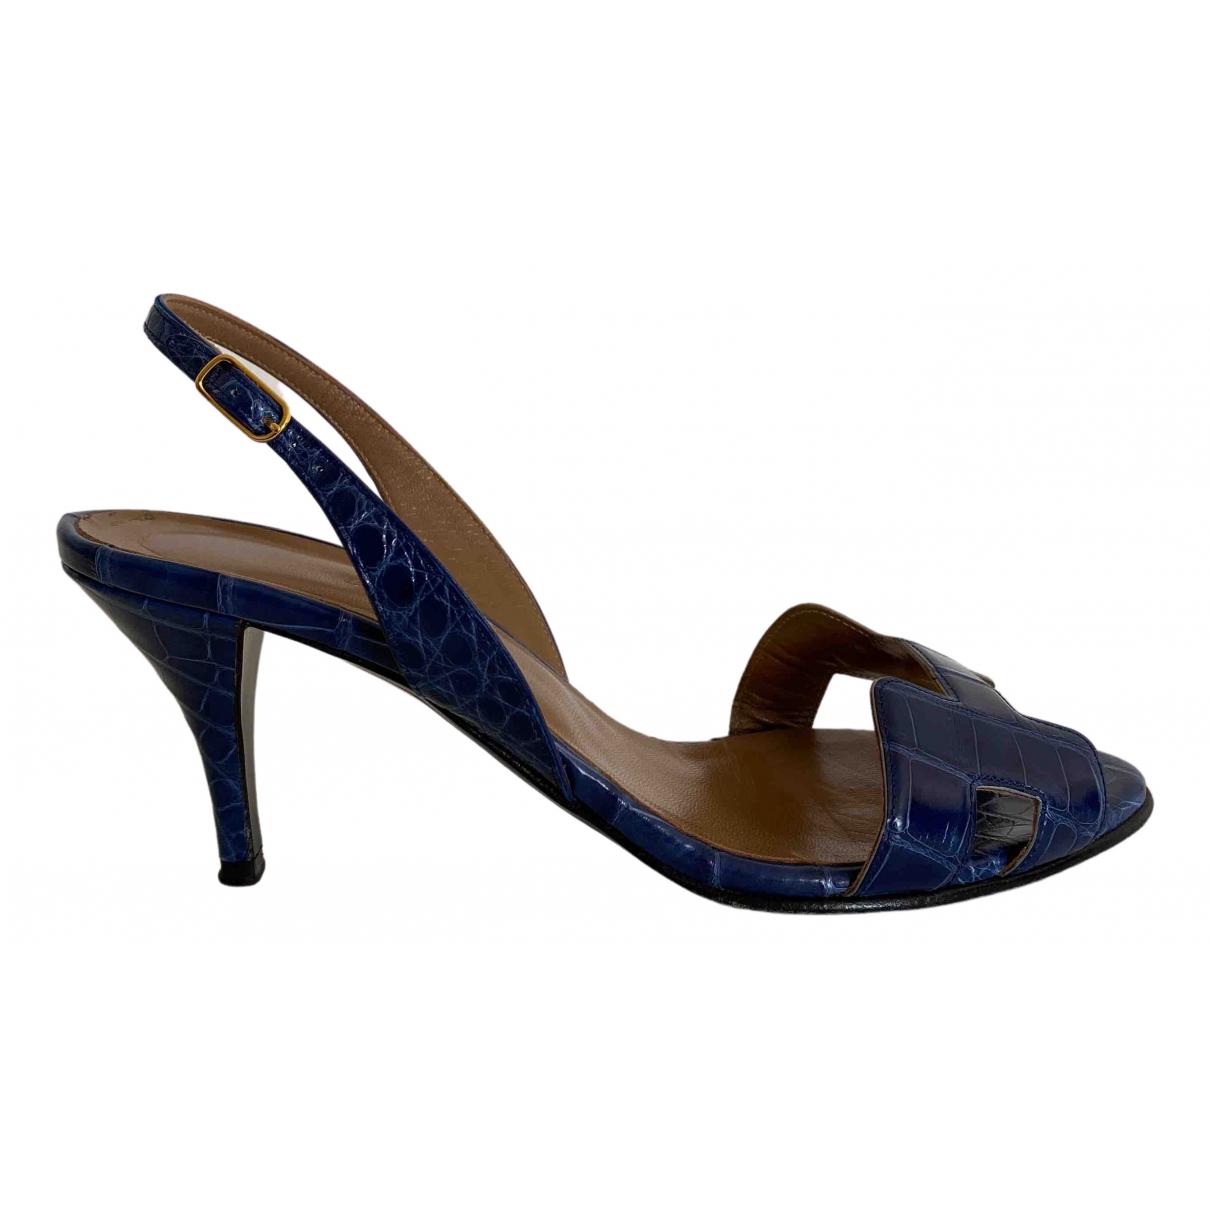 Hermes \N Pumps in  Blau Krokodil